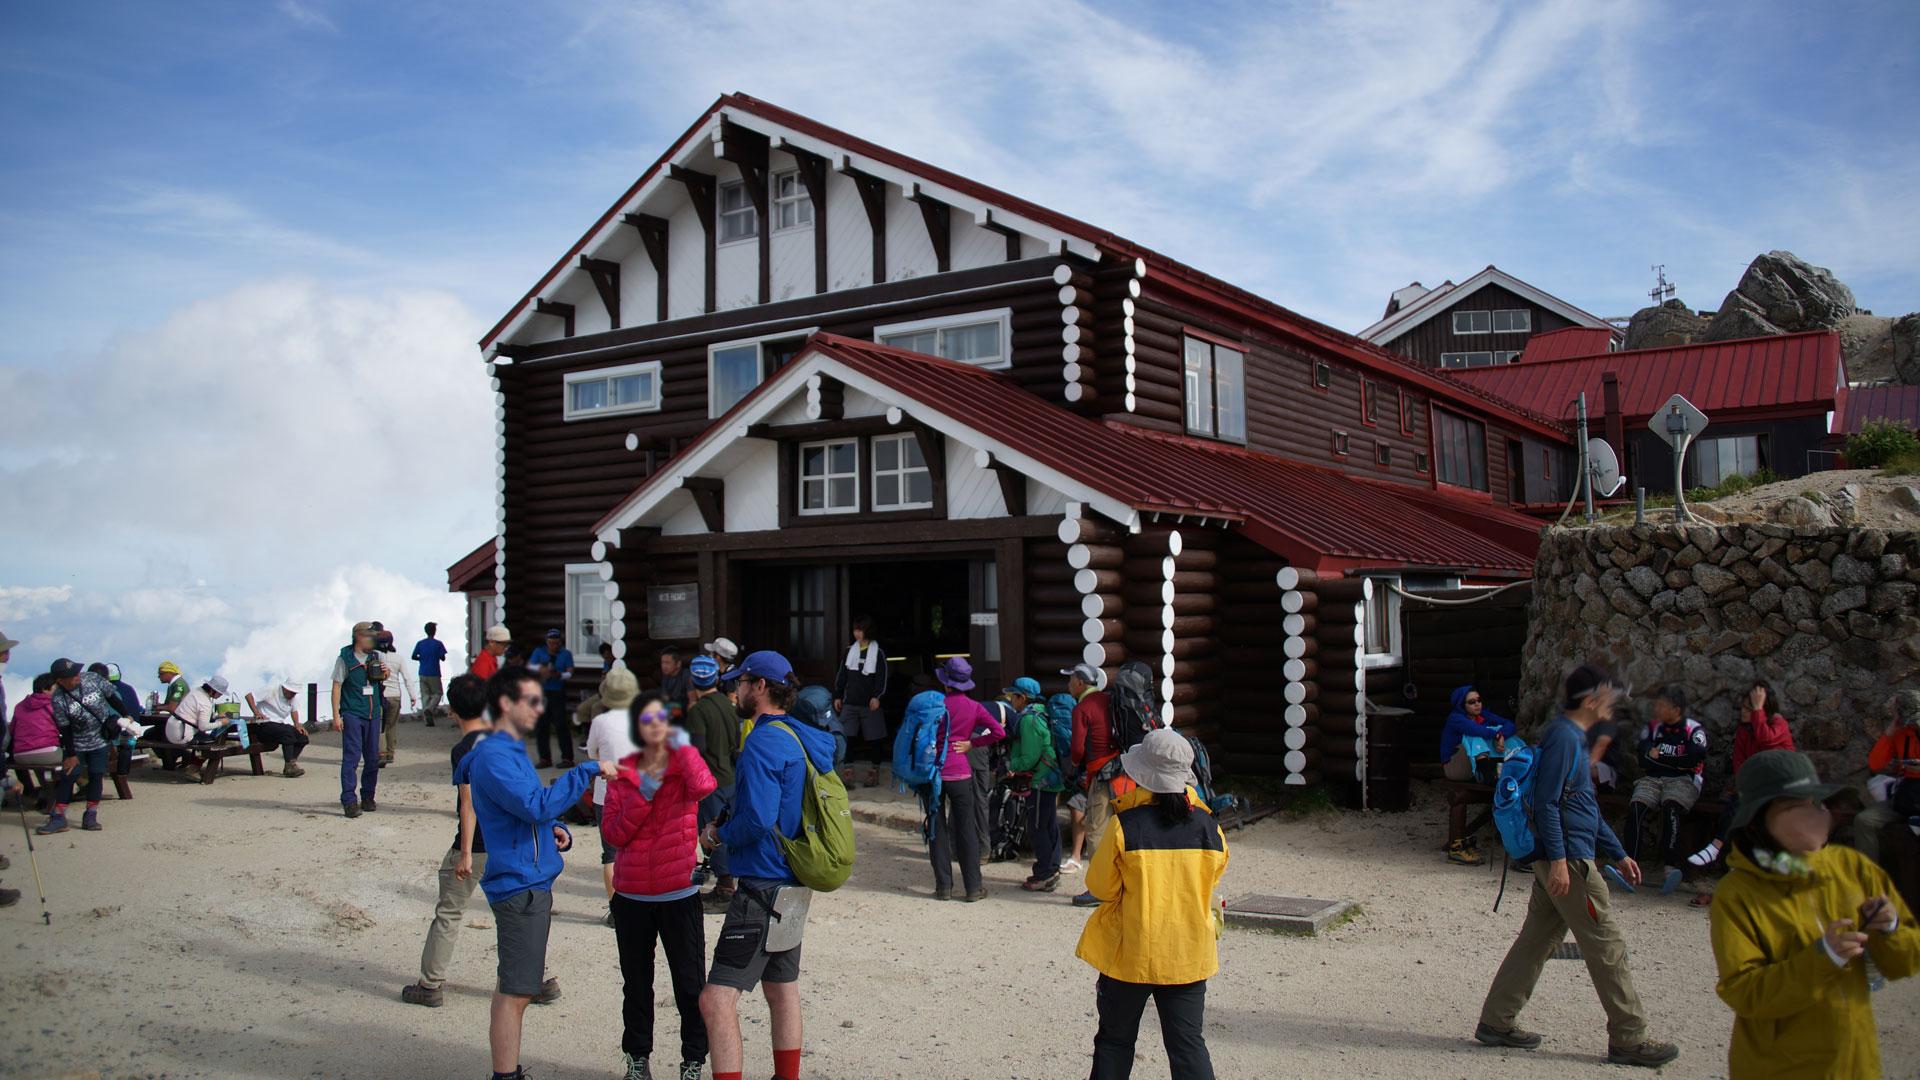 初の長野の山「木曽駒ケ岳」と「燕岳」を登って学んだ事 etc。